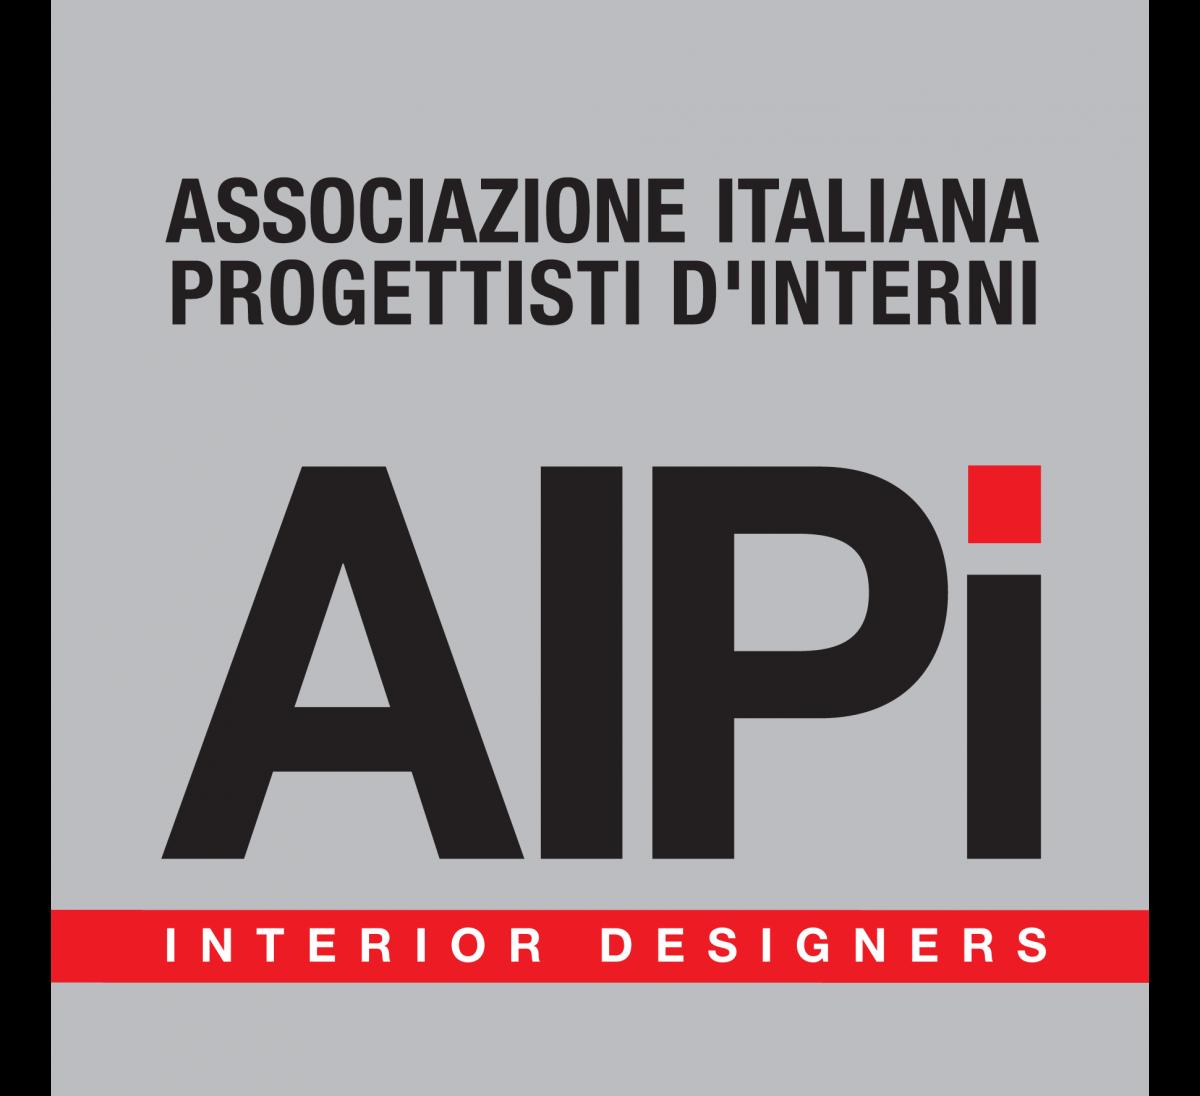 Assocoazione Italiana Progettisti D'Interni